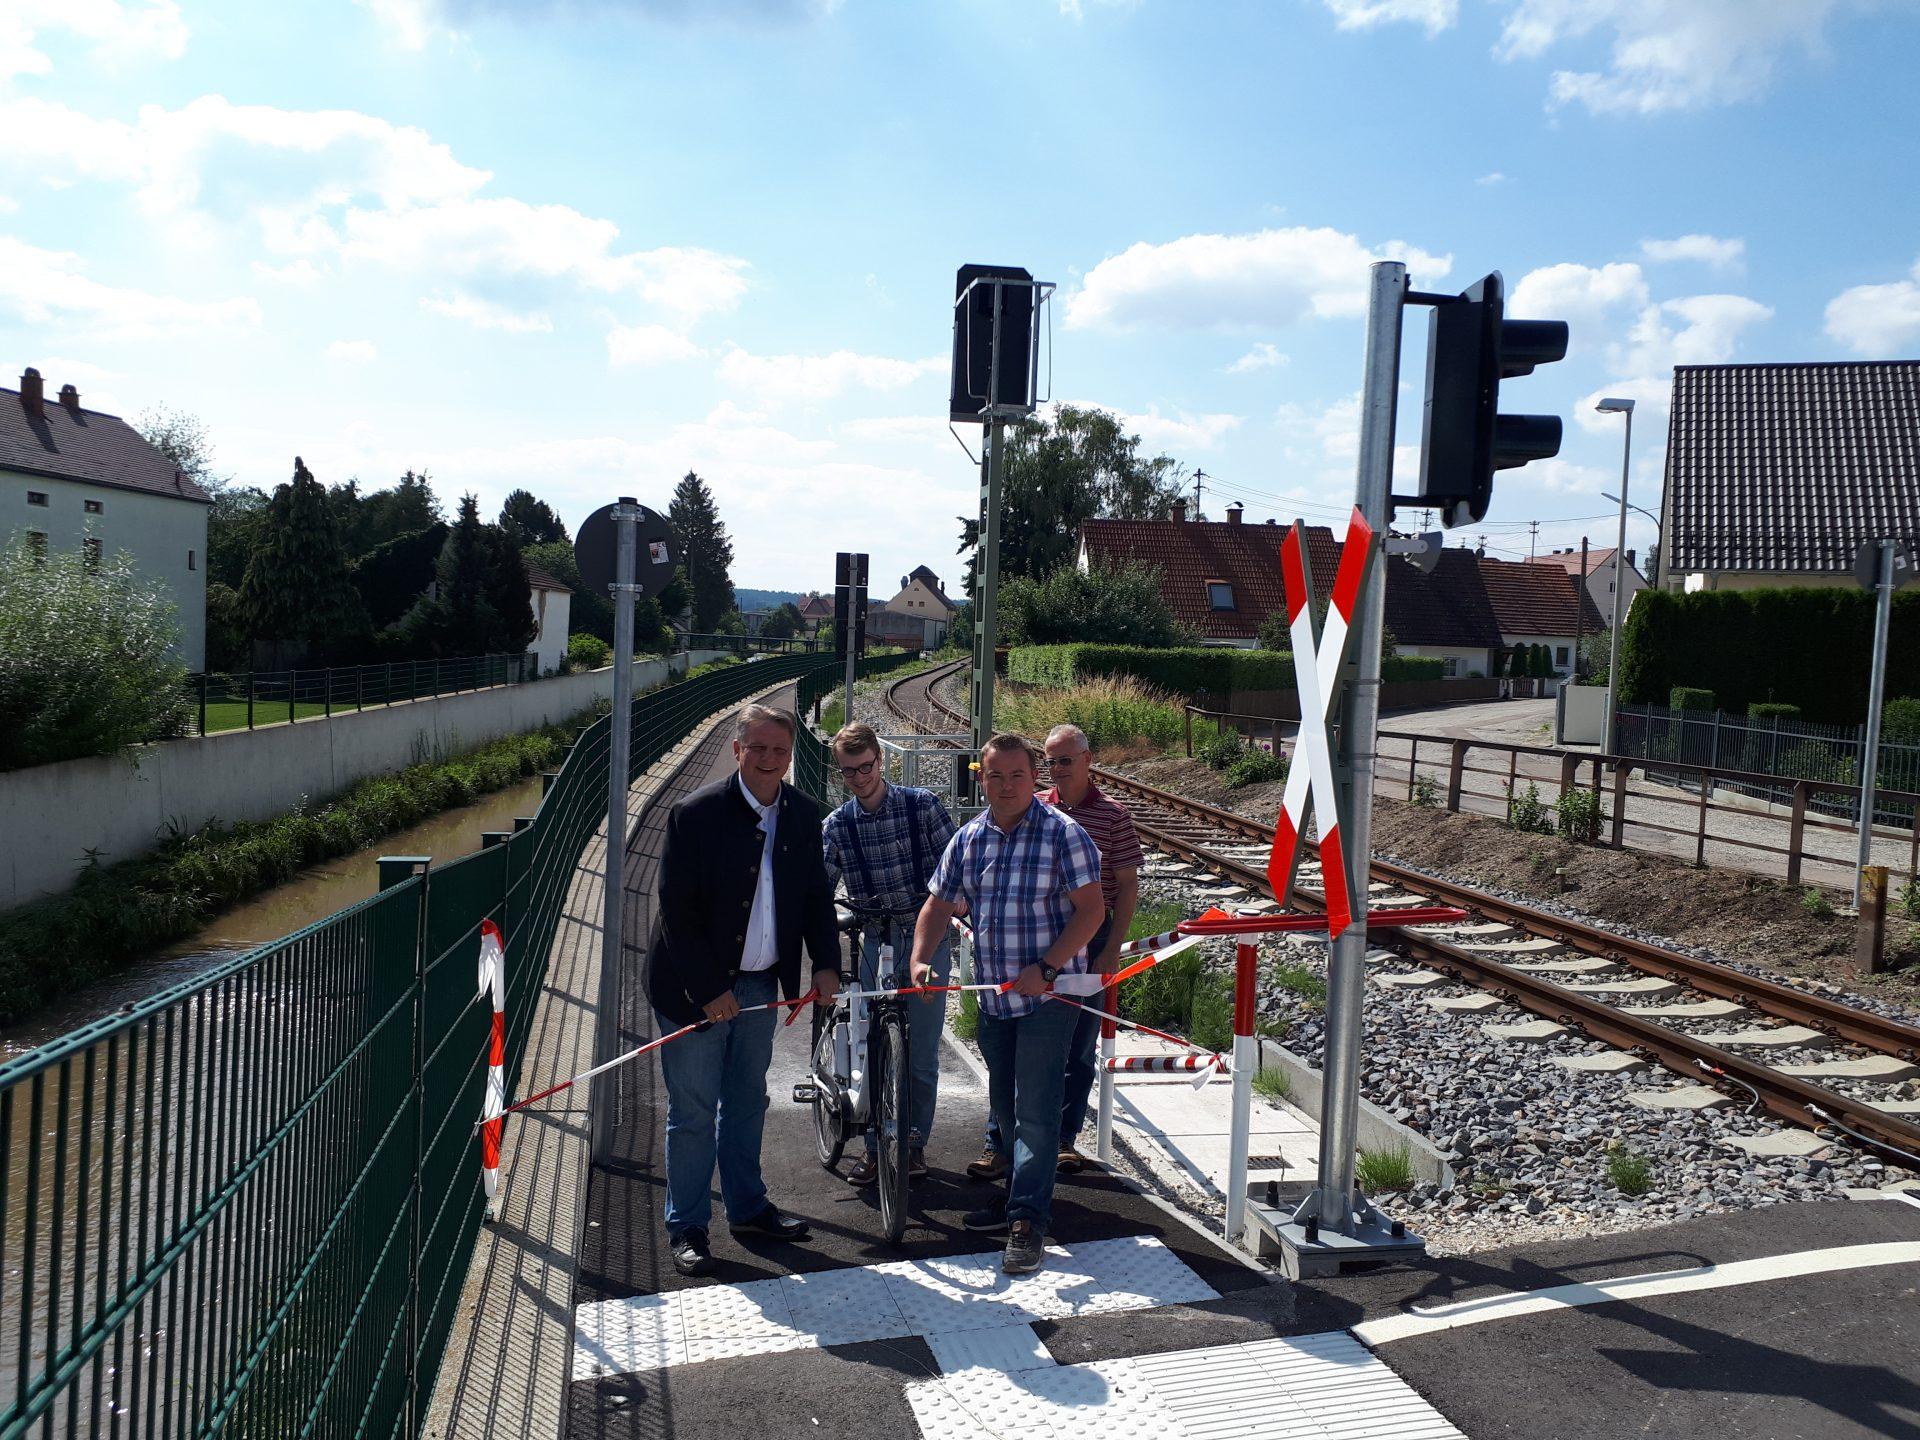 Bürgermeister Jens Machold und Richard Eibel eröffnen den Radweg an der Schleifmühlstraße